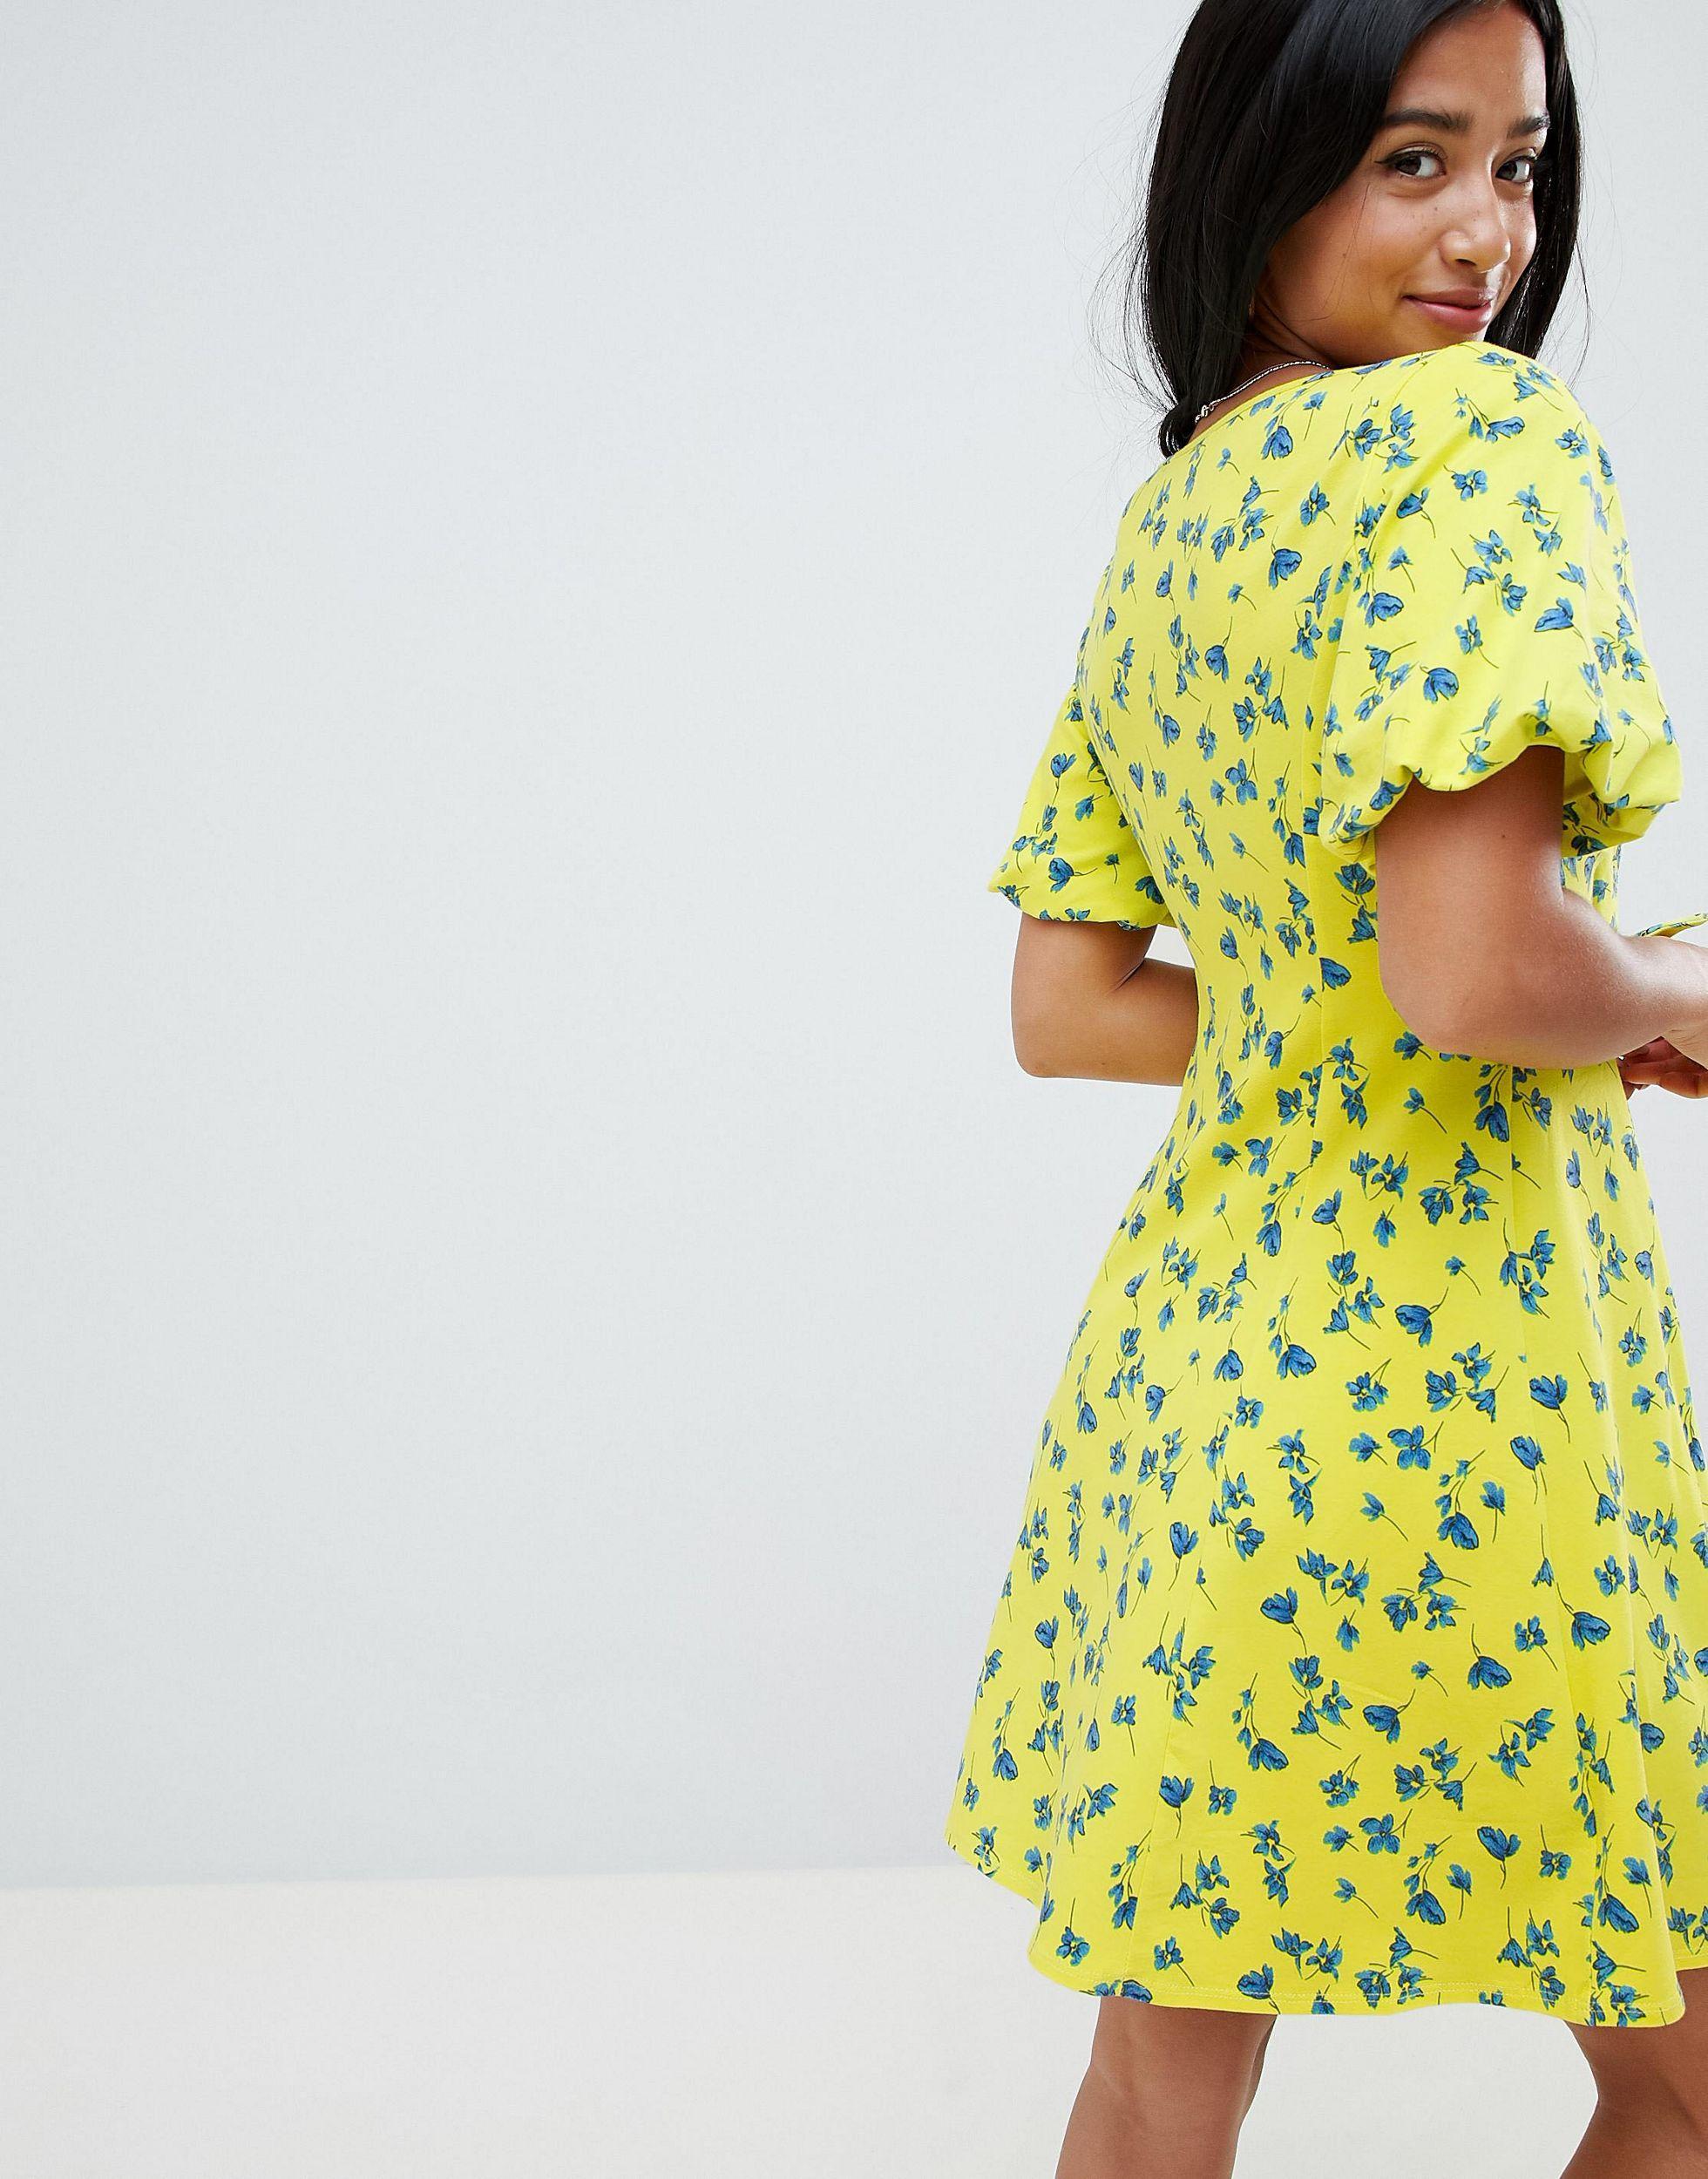 ASOS DESIGN Petite - Robe patineuse d'été nouée sur le devant à manches boule Jean ASOS en coloris Jaune